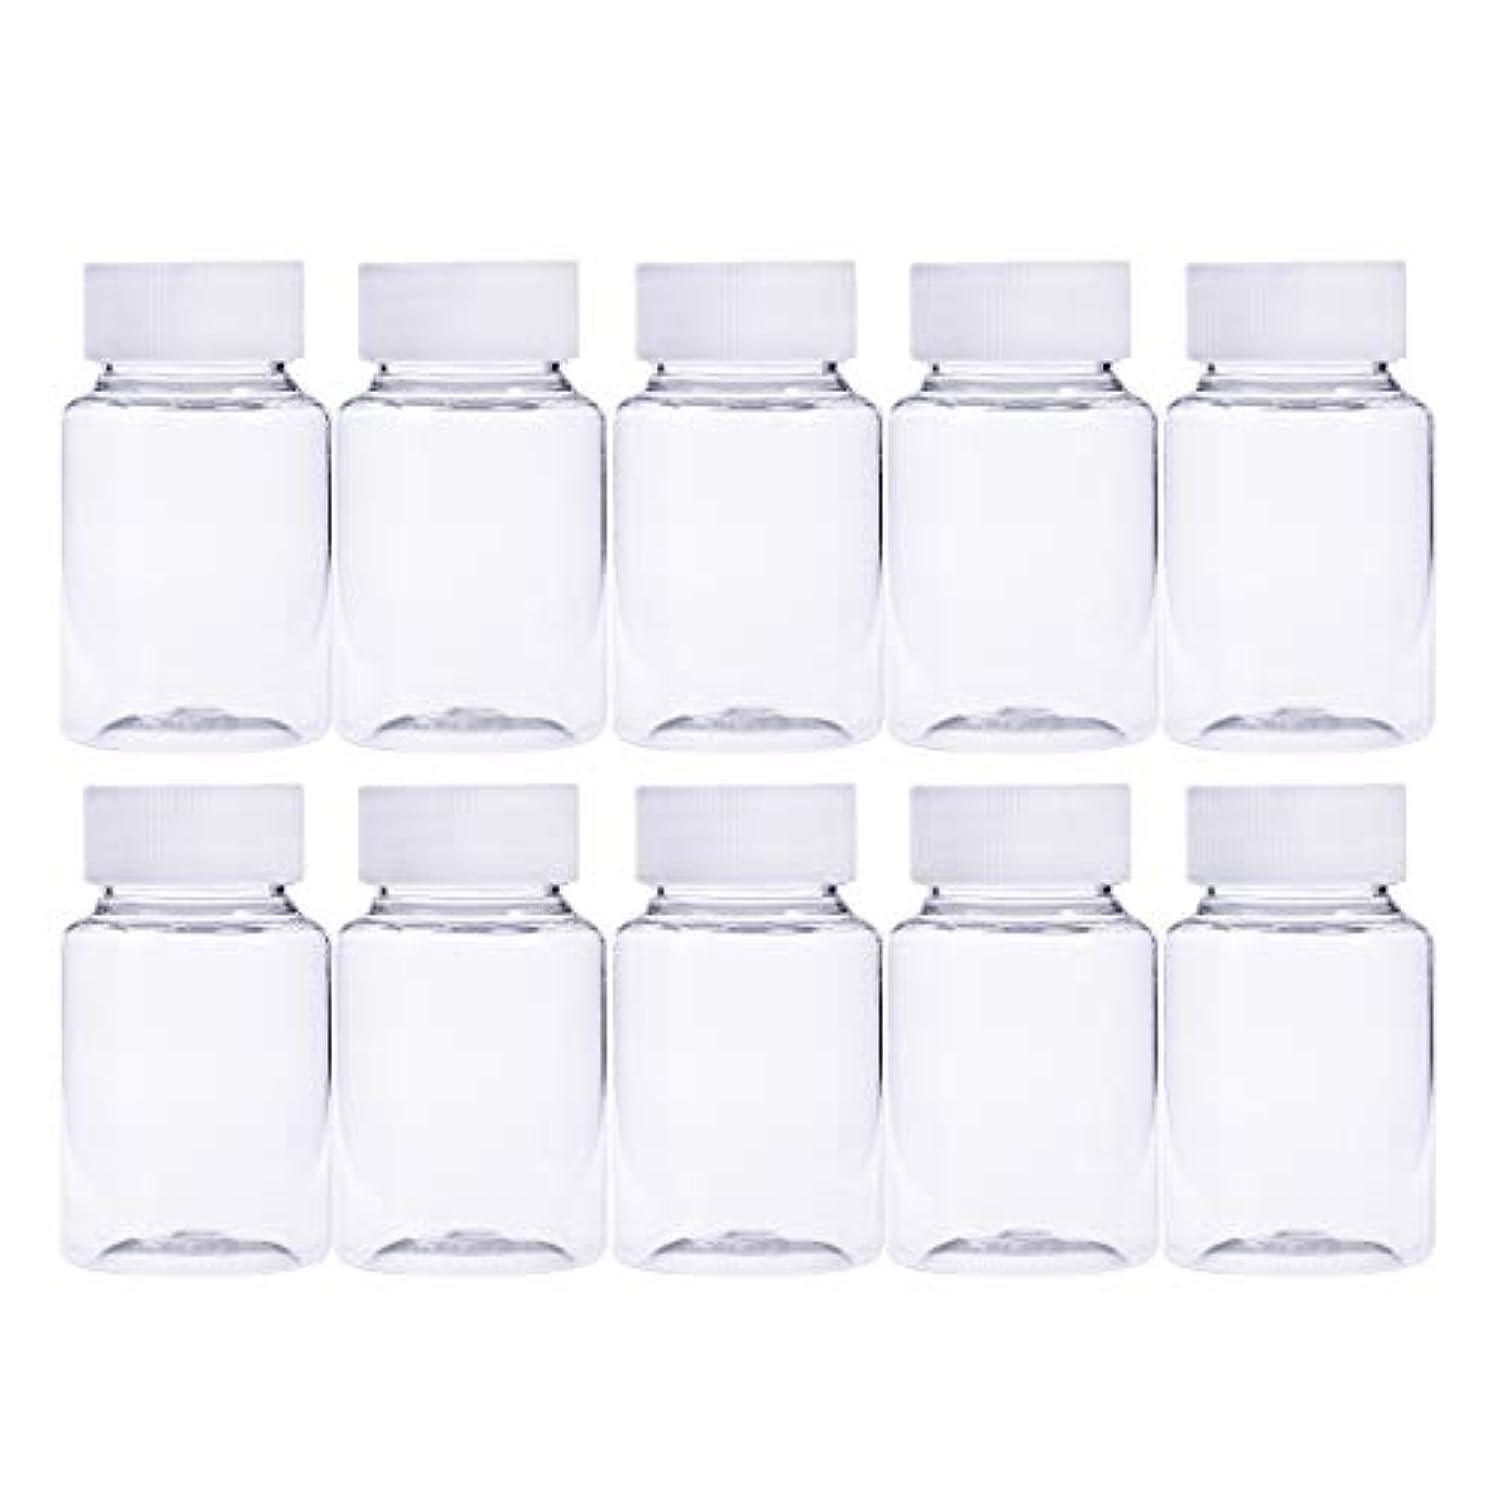 たっぷりお茶上昇Frcolor 12個 80ml 小分けボトル 広口 クリア 詰め替え容器 薬保存 ビーズ収納 液体 化学薬品収納ボトル 化粧小分け容器 プラスチック容器